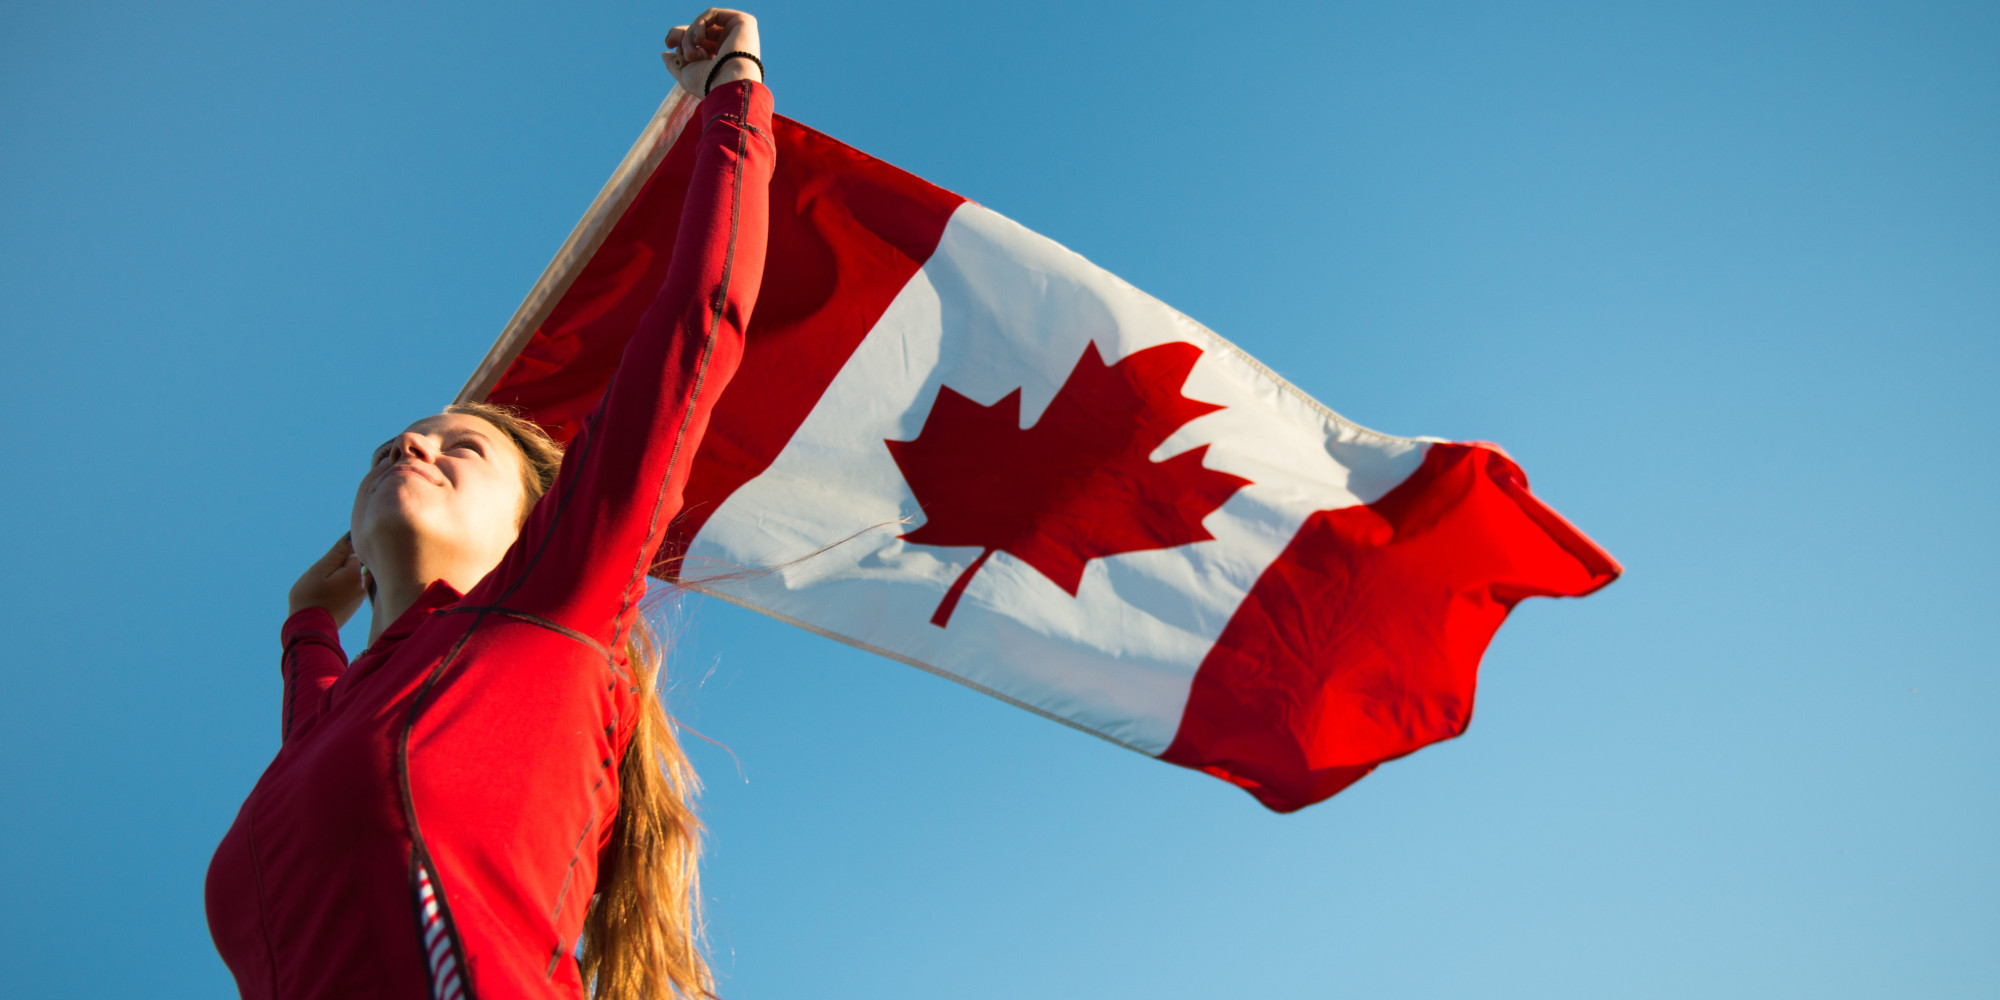 Канада вошла в список лучших стран мира в 2019 году